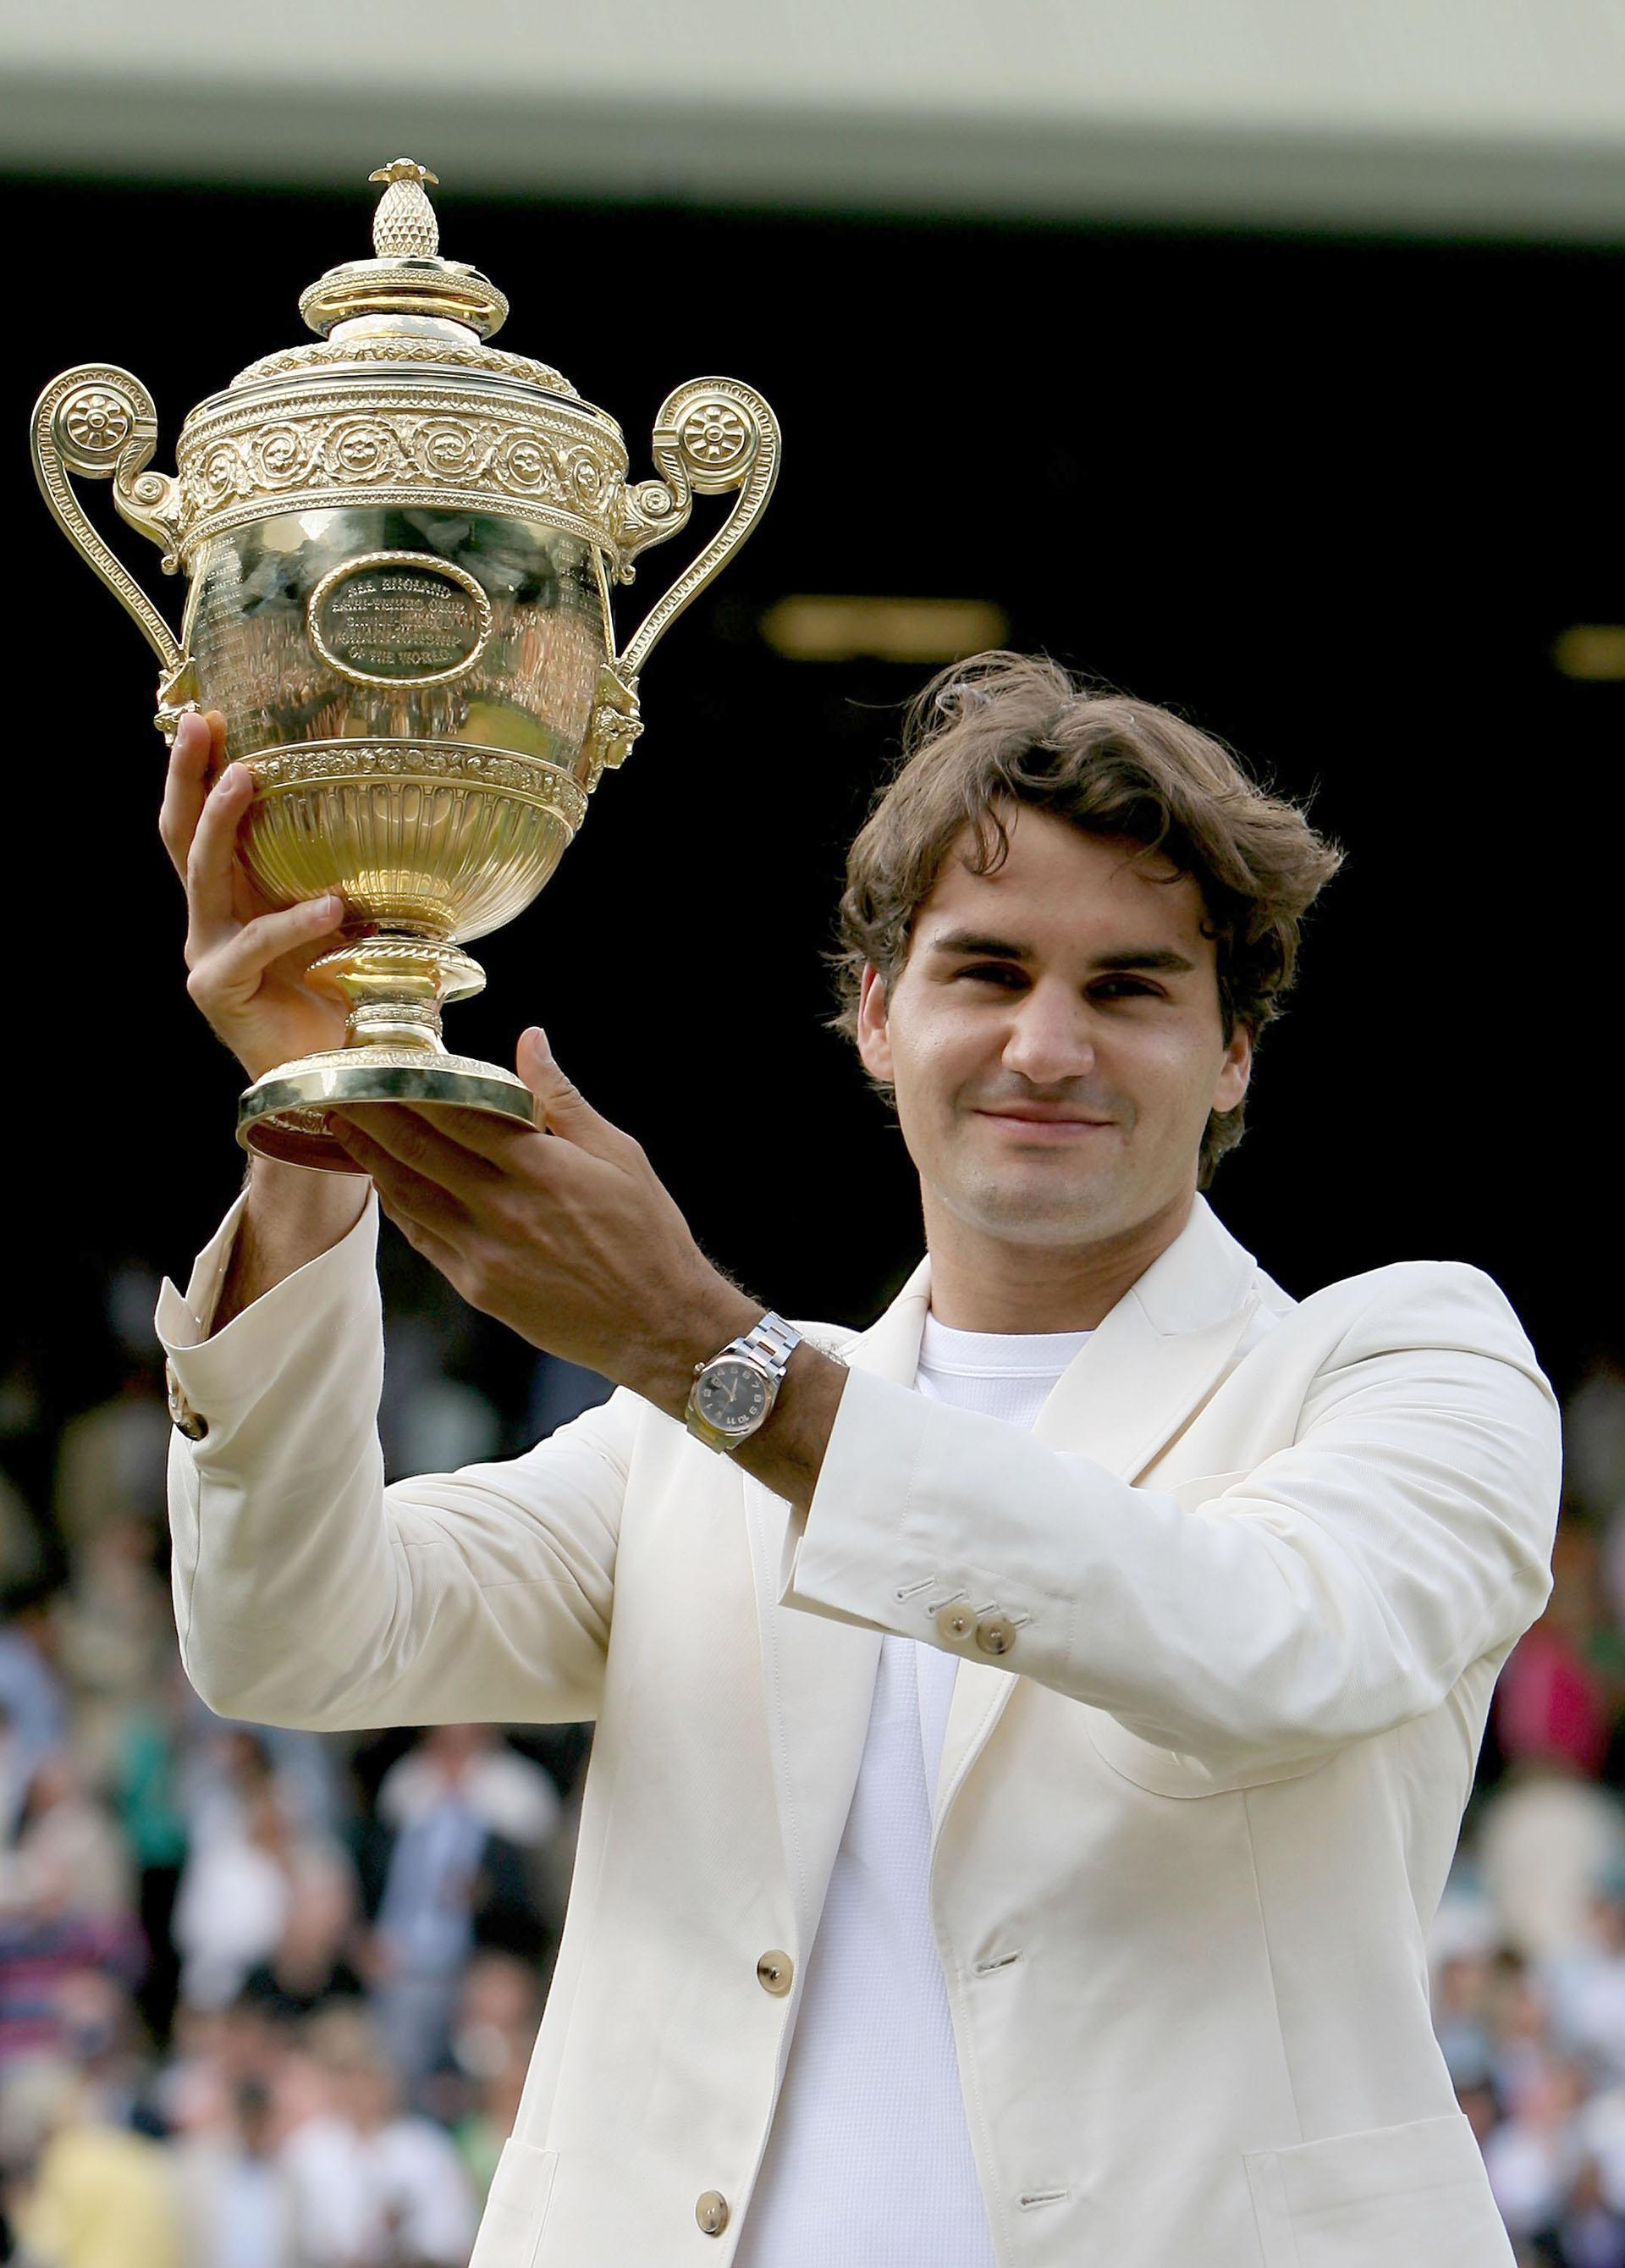 En 2006, el suizo empezaba a adueñarse del torneo más antiguo del tenis tras volver a quedárselo al vencer a Rafael Nadal por 6-0, 7-6 (5), 6-7 (2), 6-3